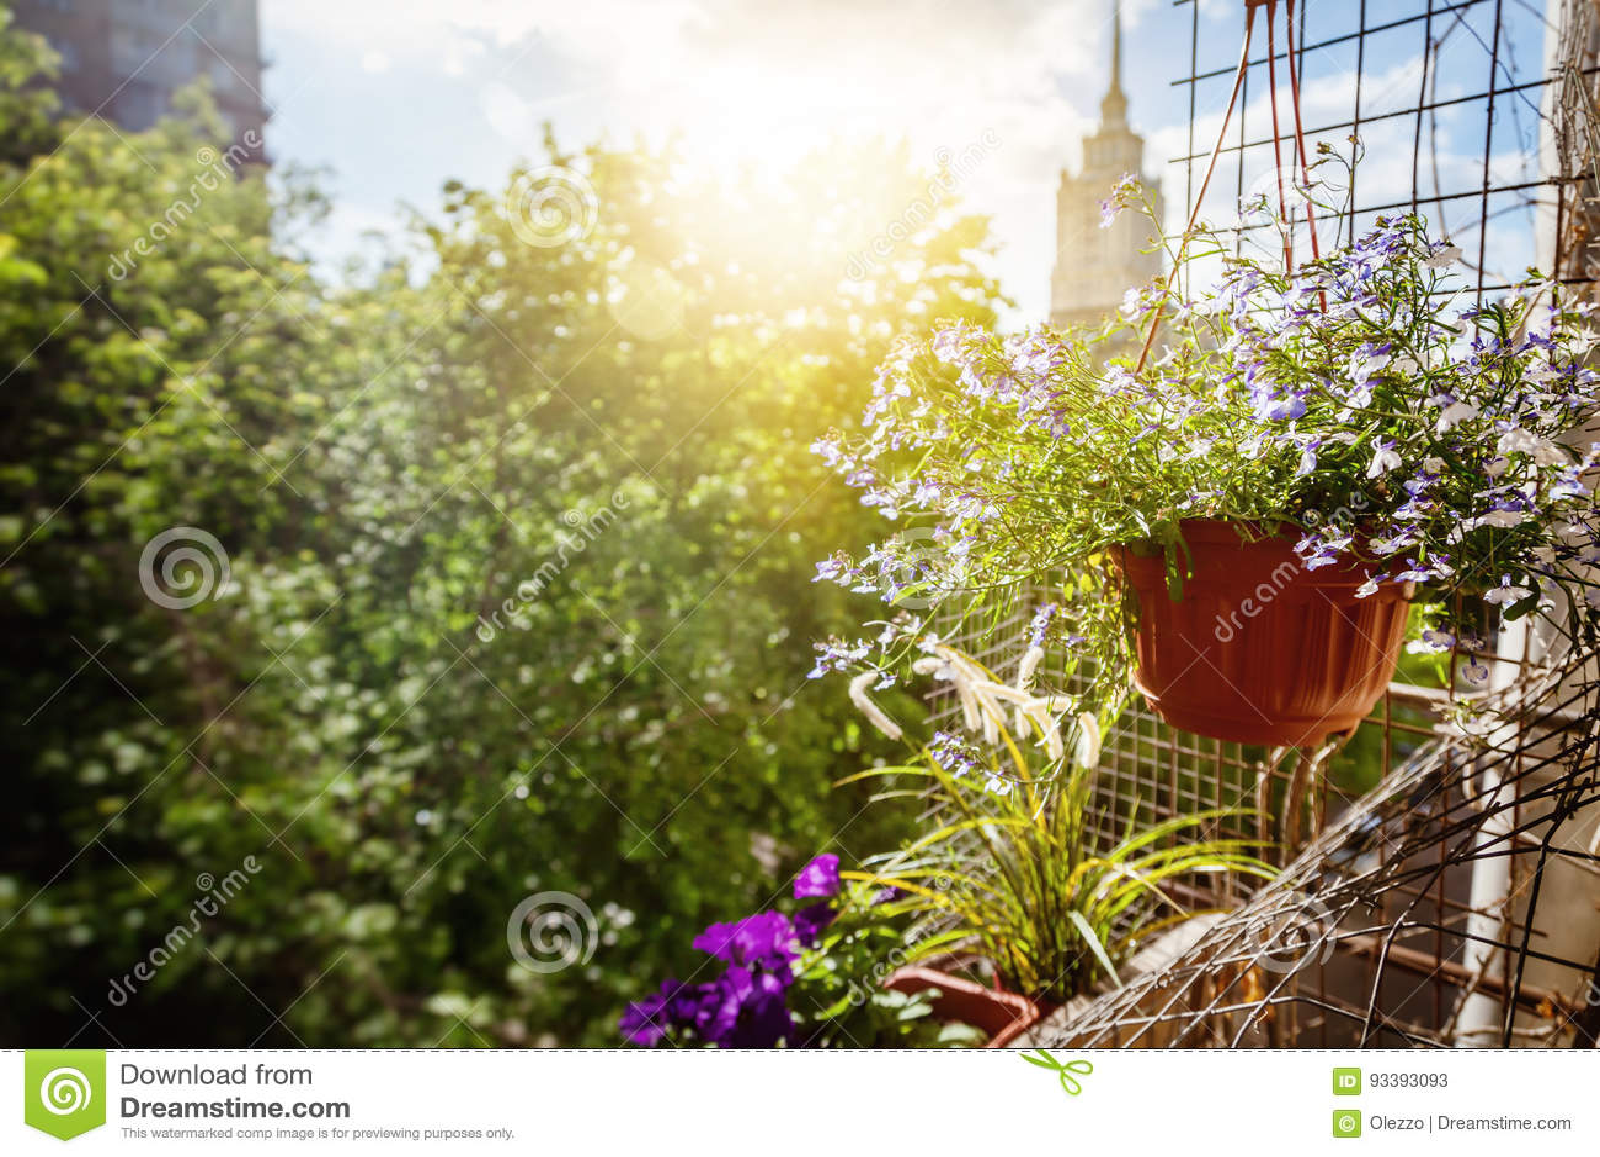 Topfe Mit Blumen Auf Dem Balkon Eine Sonnige Sommerstimmung